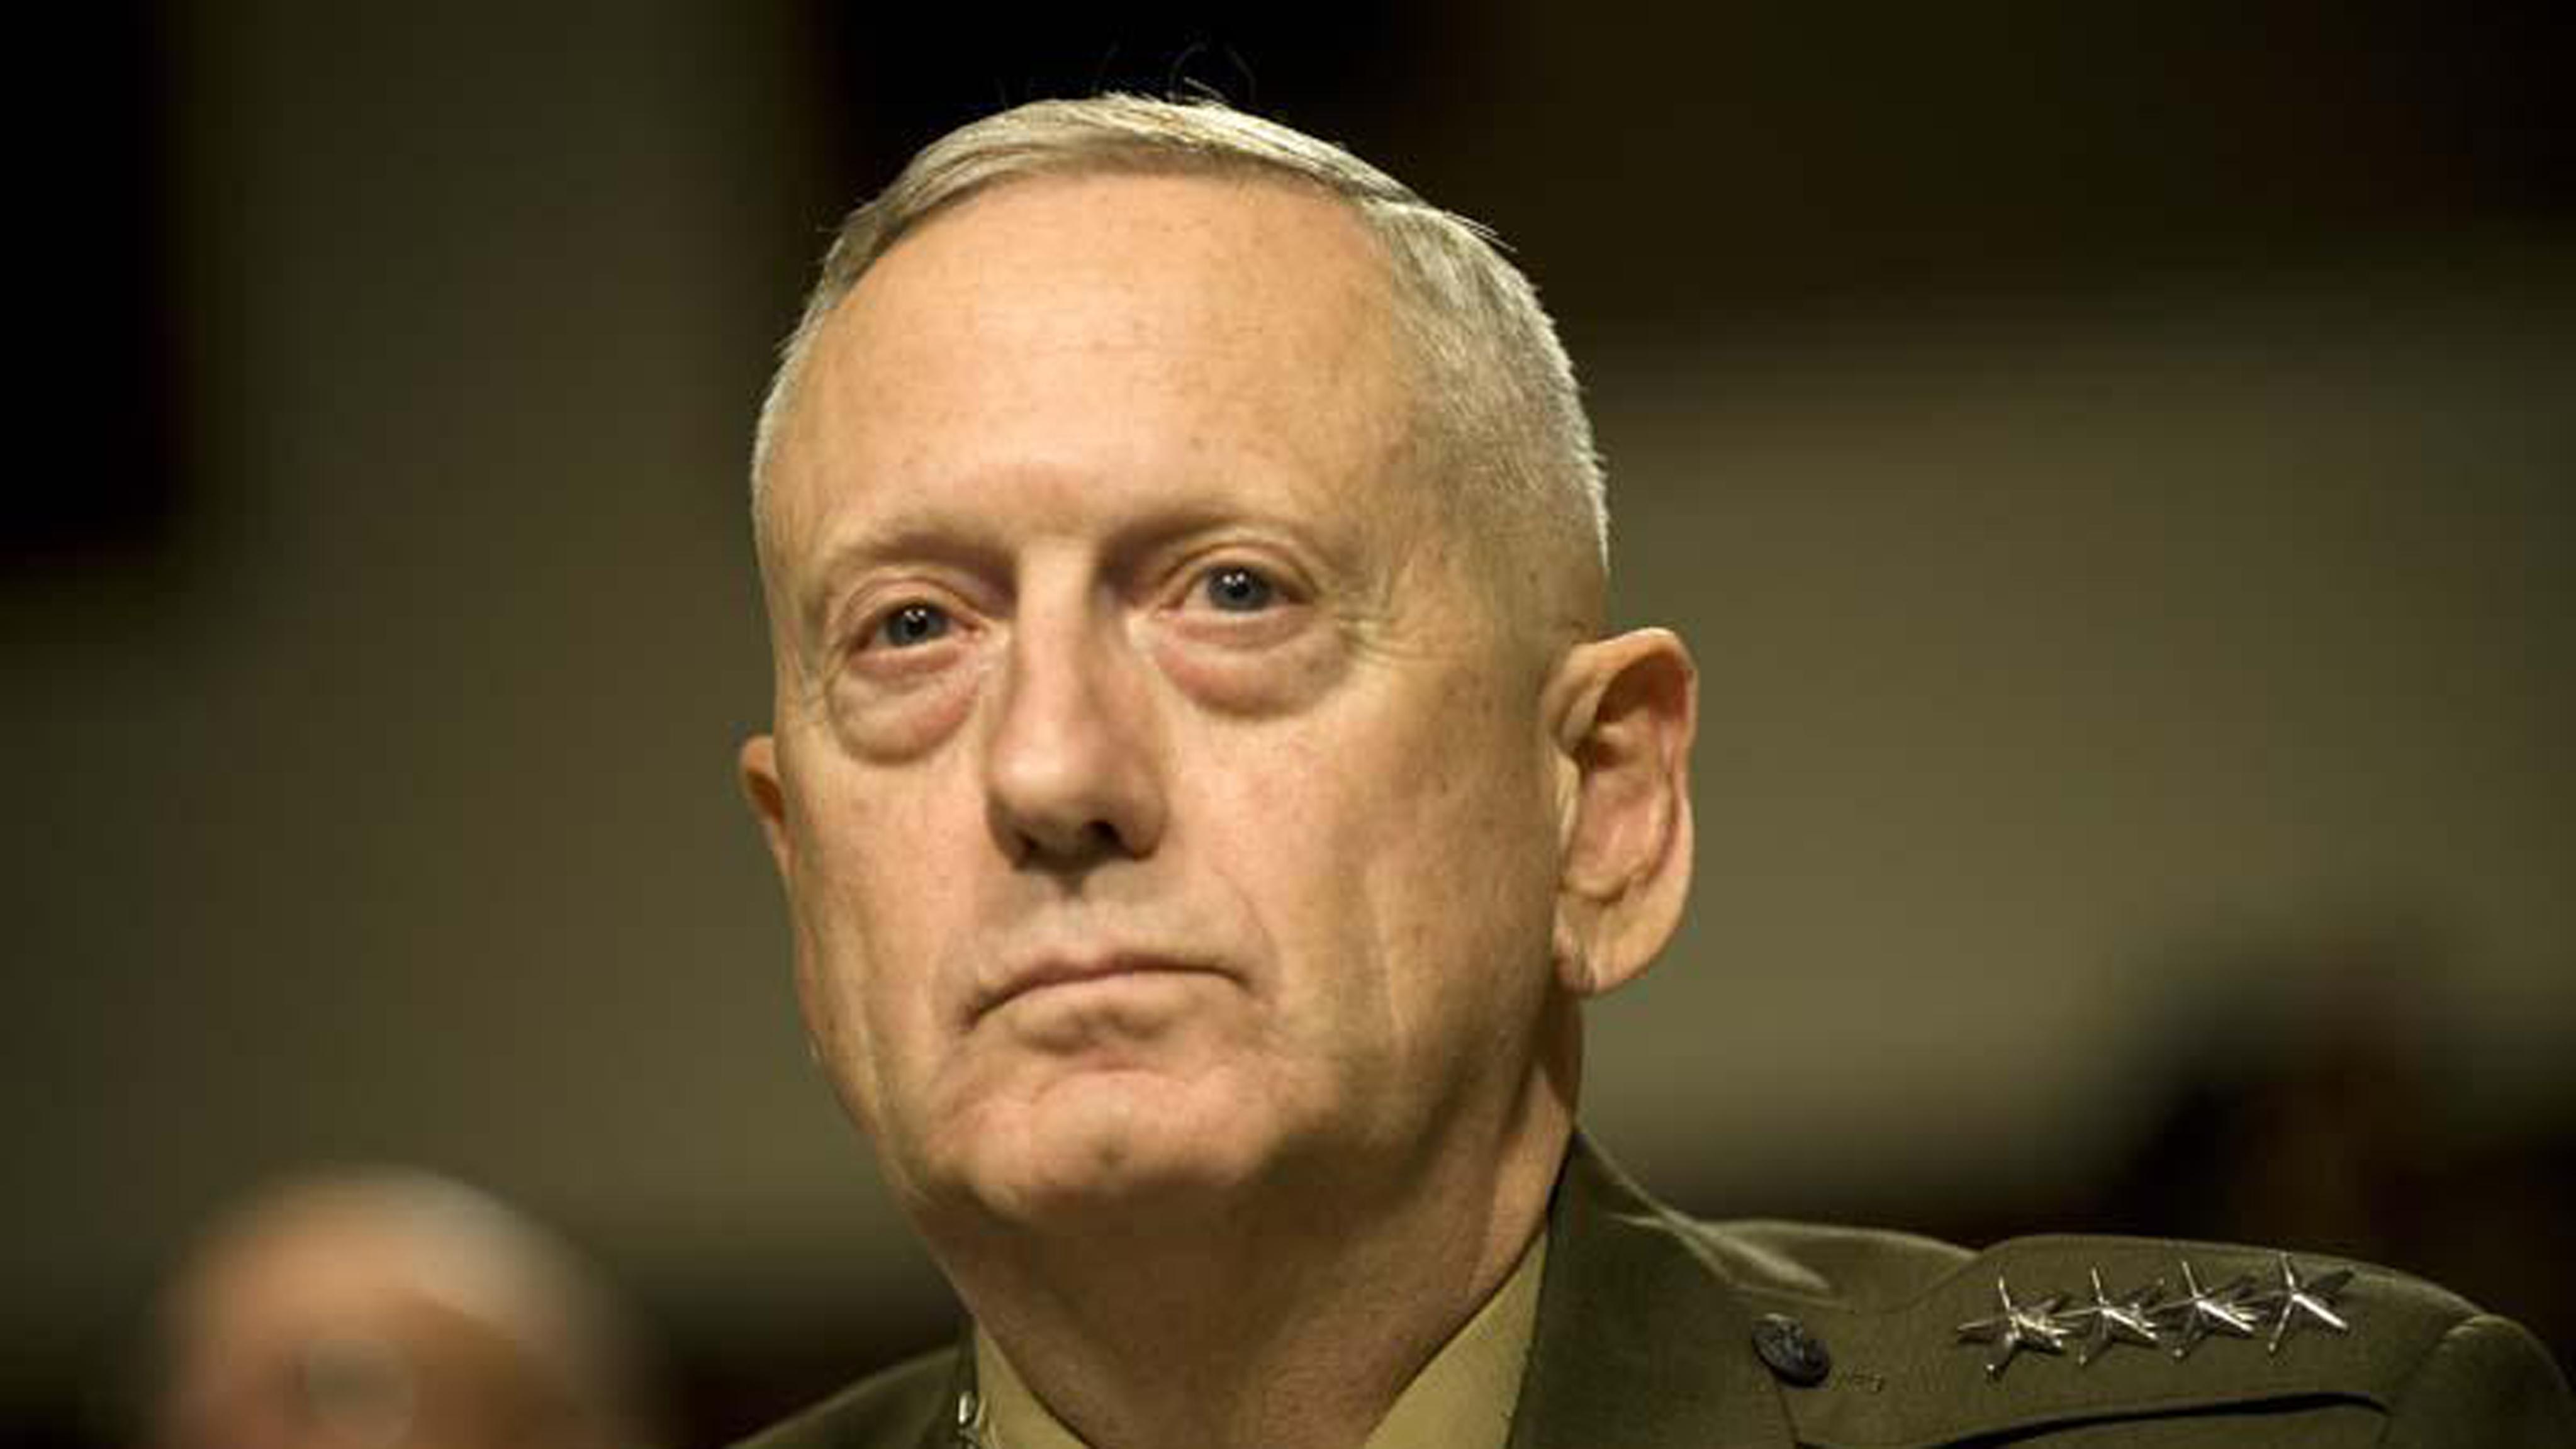 Руководитель Пентагона объявил остремлении США кдипломатическому урегулированию ситуации сКНДР